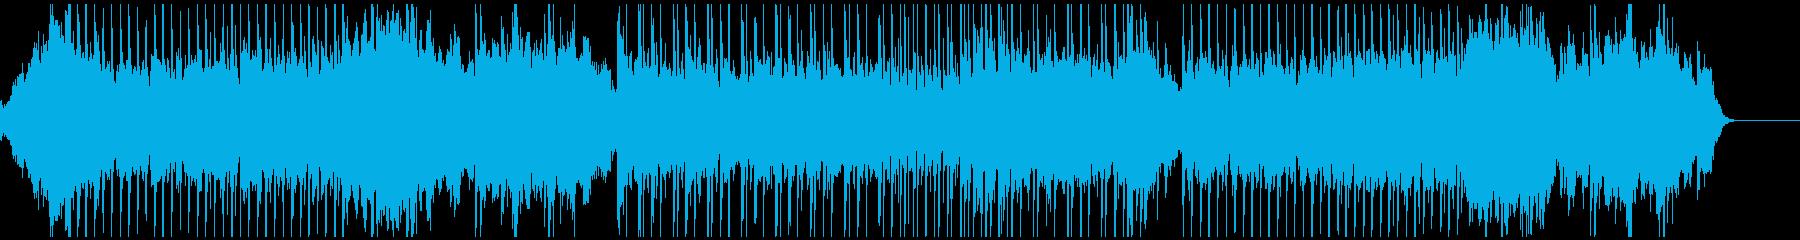 ピアノのリズムがズンチャ ズンチャの再生済みの波形